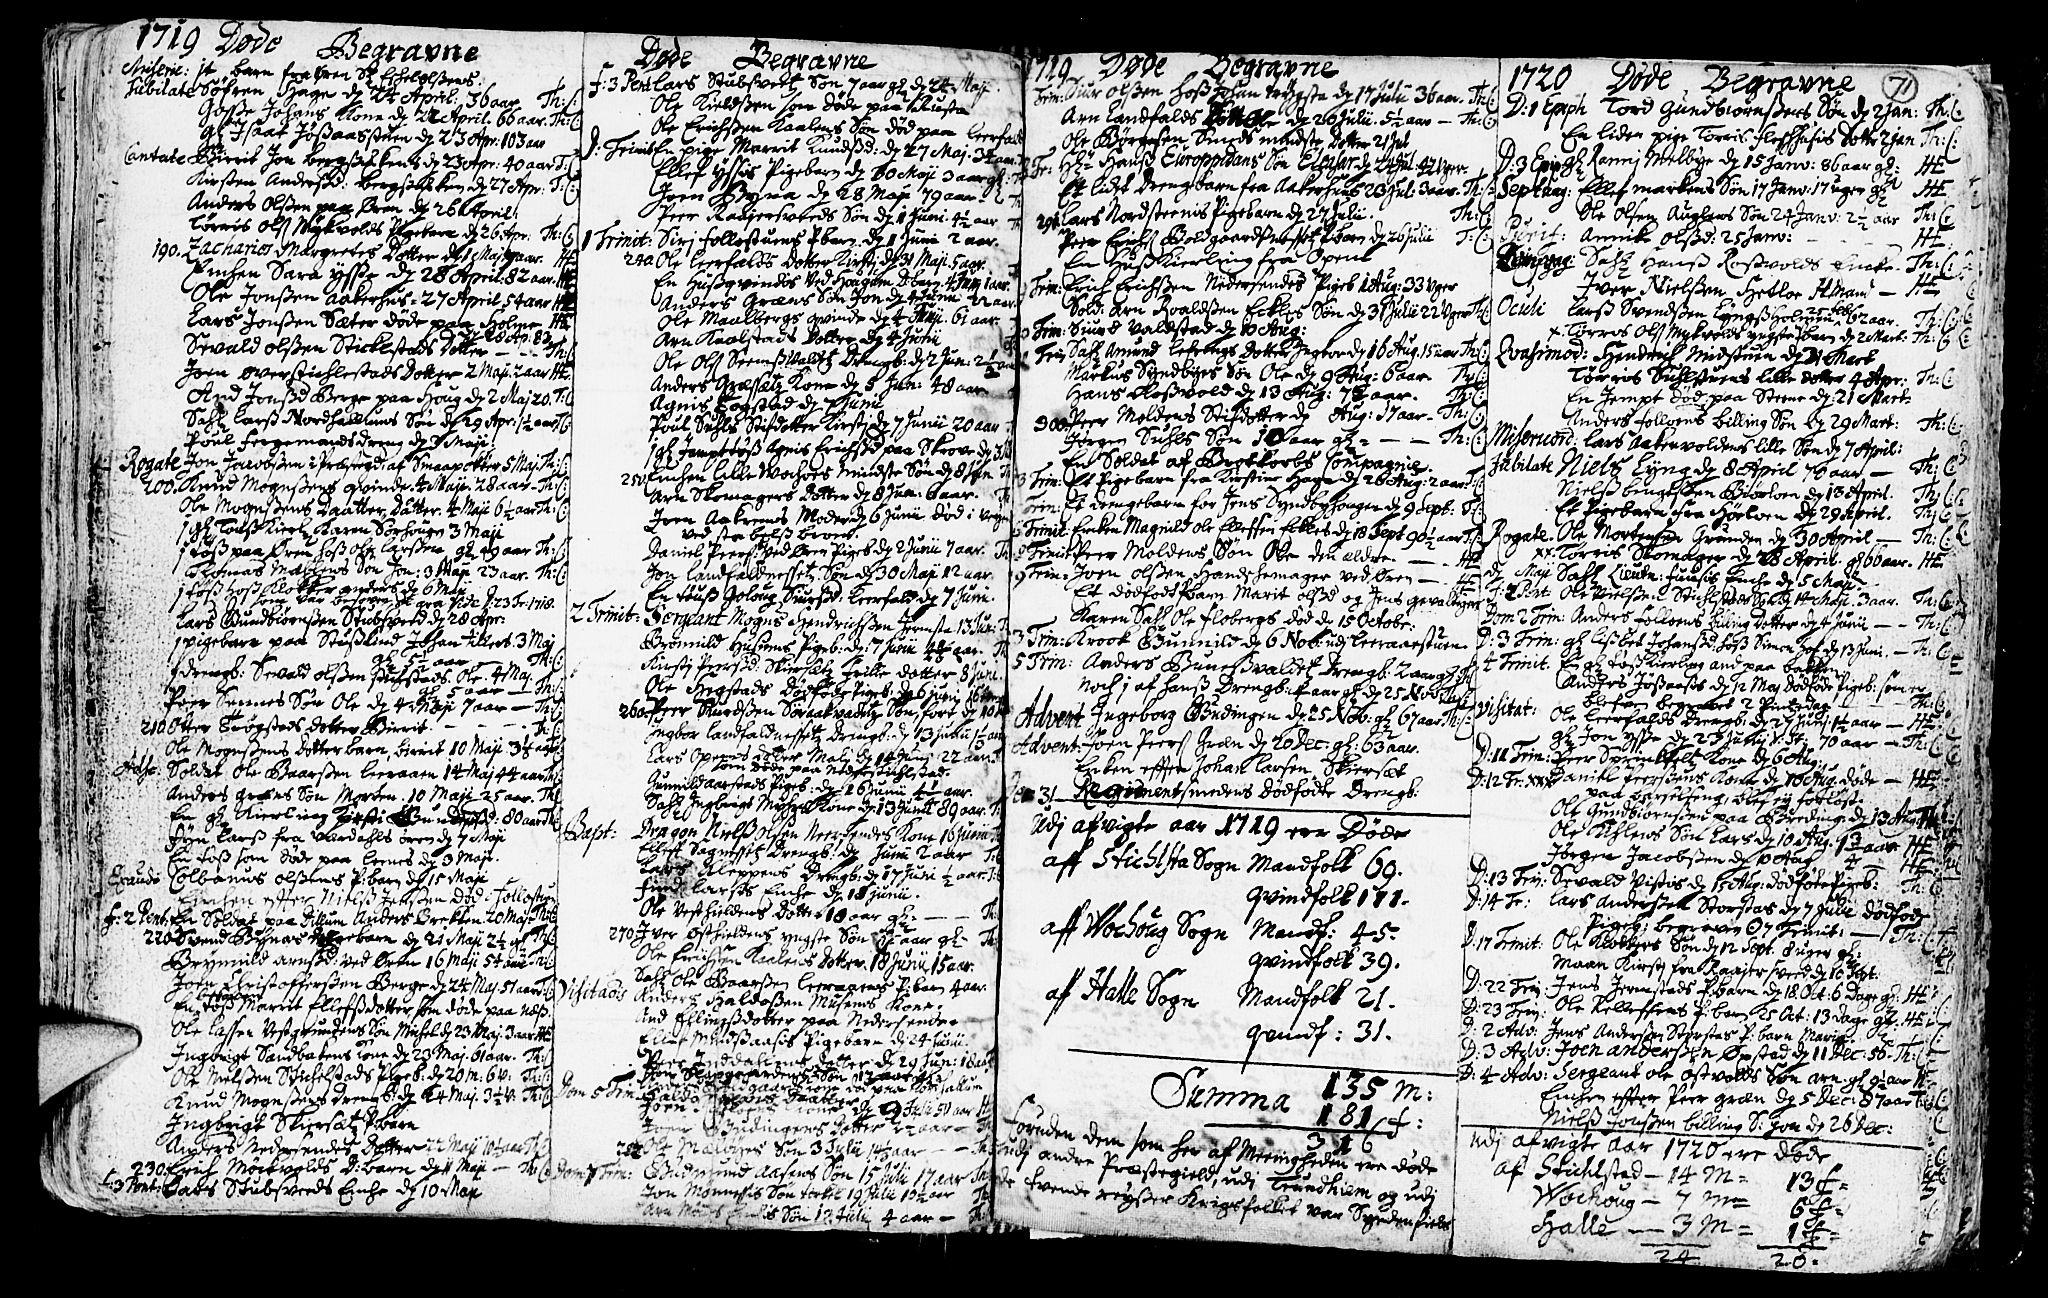 SAT, Ministerialprotokoller, klokkerbøker og fødselsregistre - Nord-Trøndelag, 723/L0230: Ministerialbok nr. 723A01, 1705-1747, s. 71